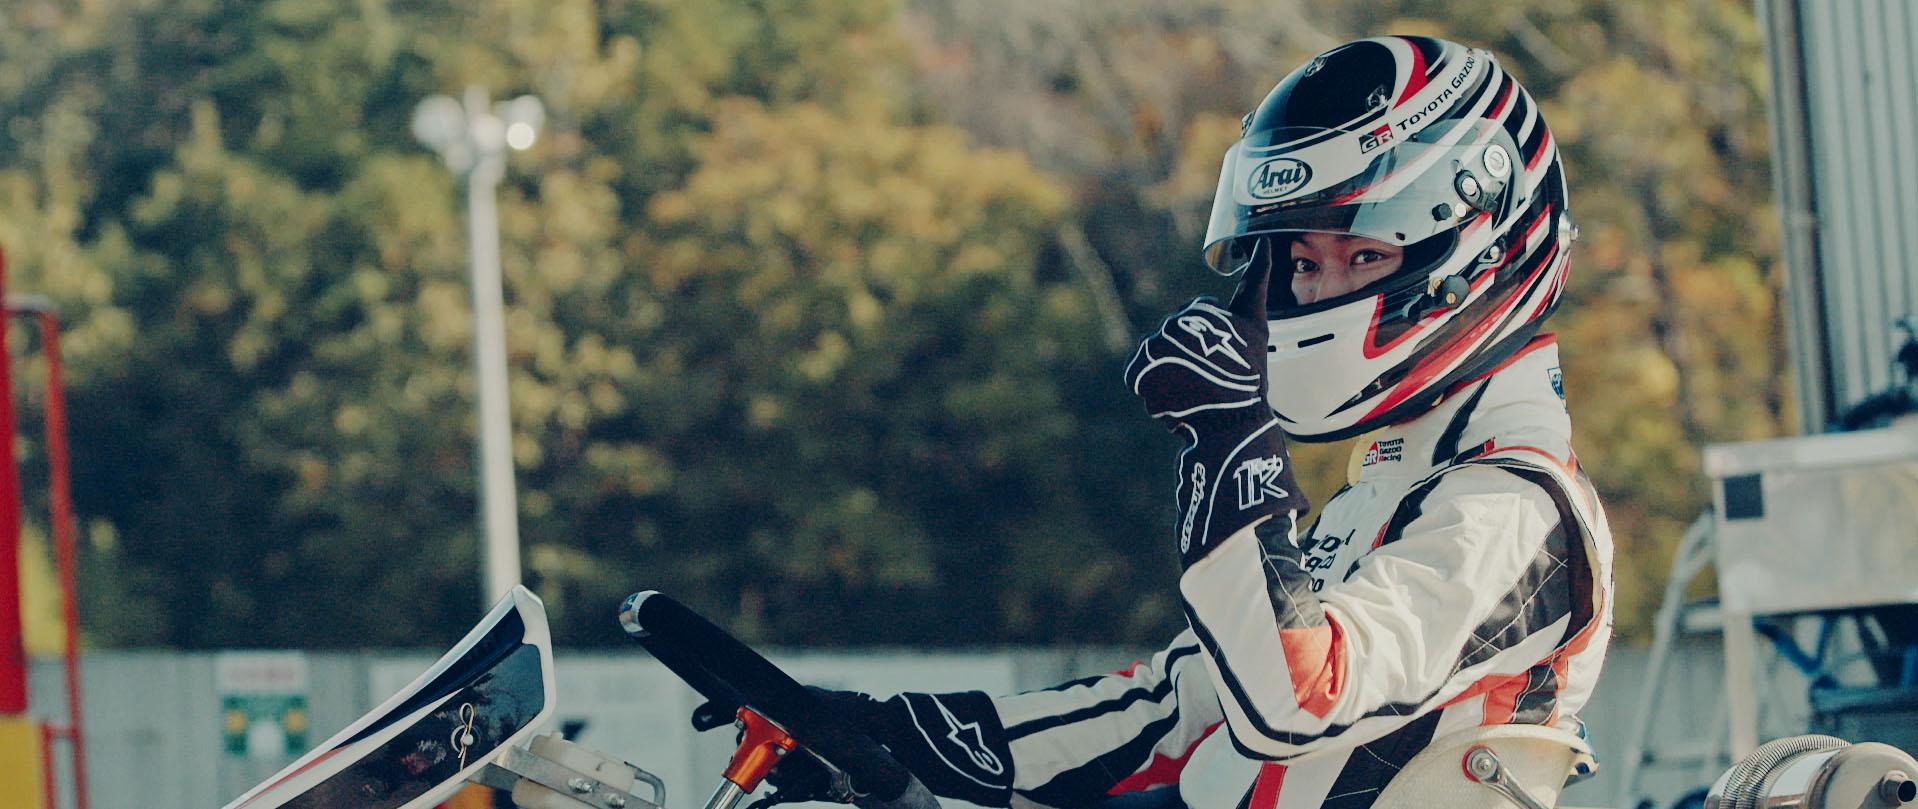 佐藤健がレーシングカートを体験